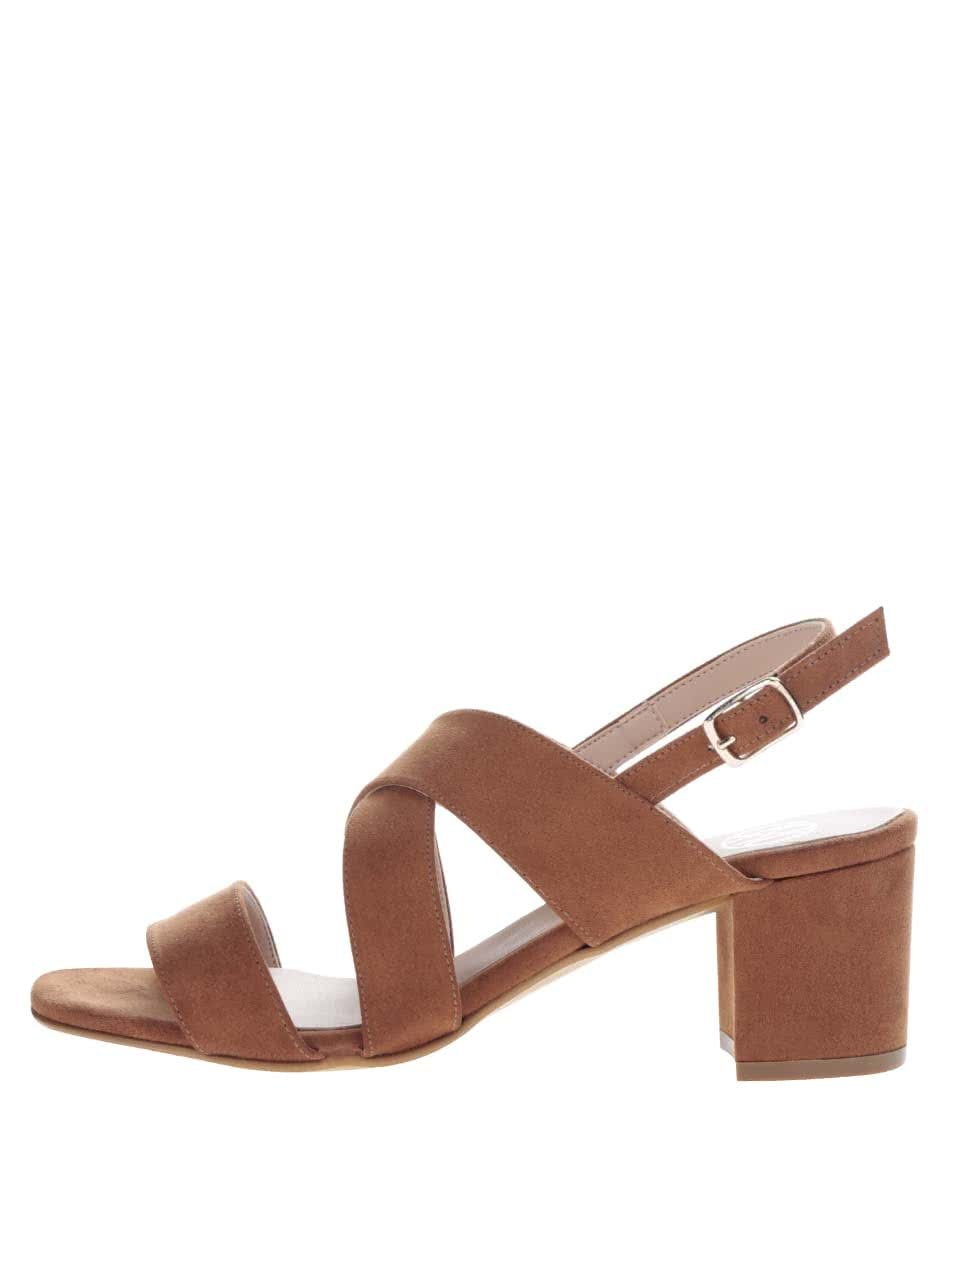 Hnědé sandálky v semišové úpravě na podpatku OJJU